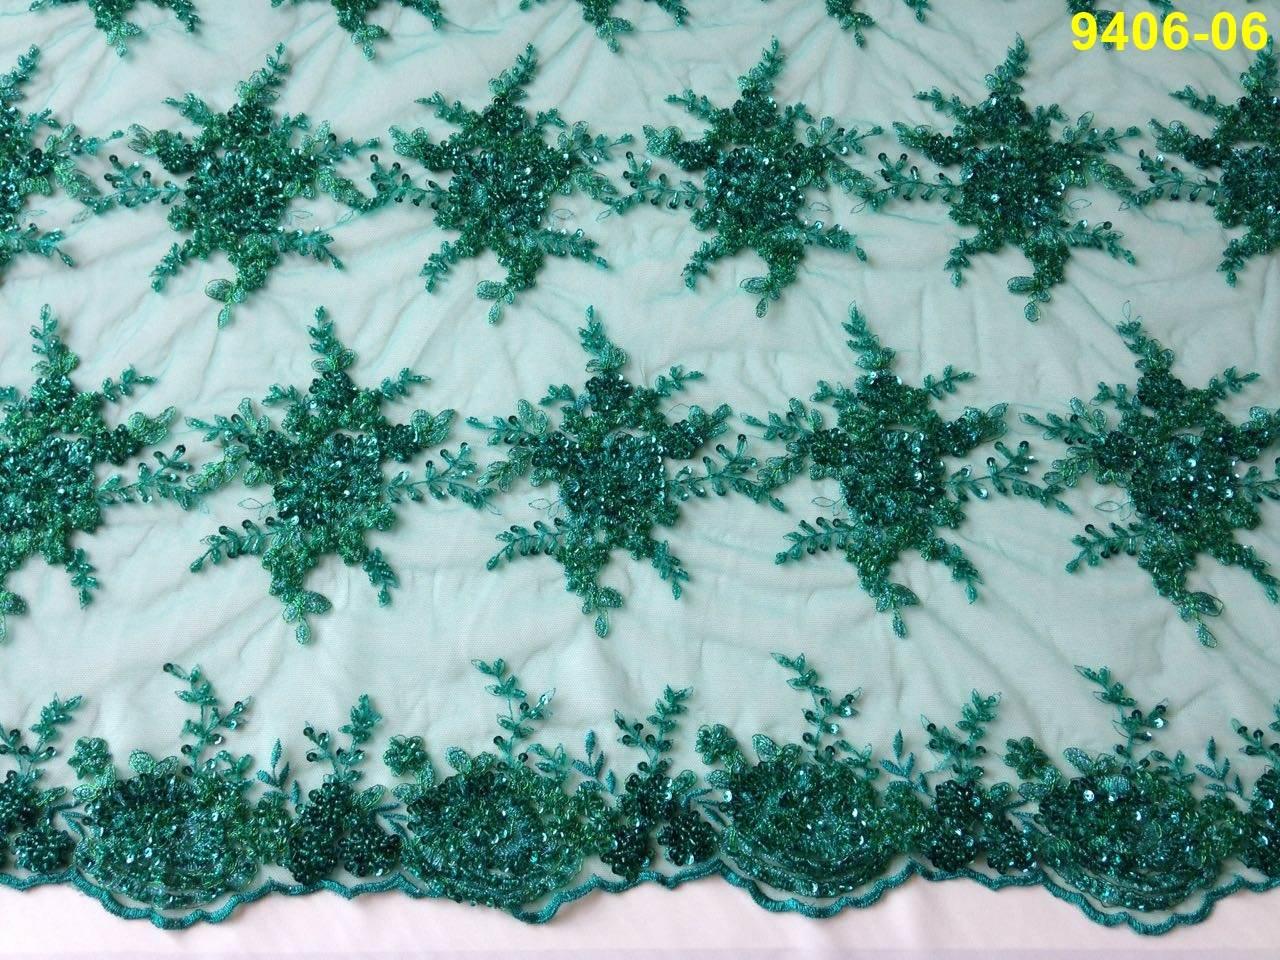 Tecido Renda Floral Bordada em Pedraria Verde